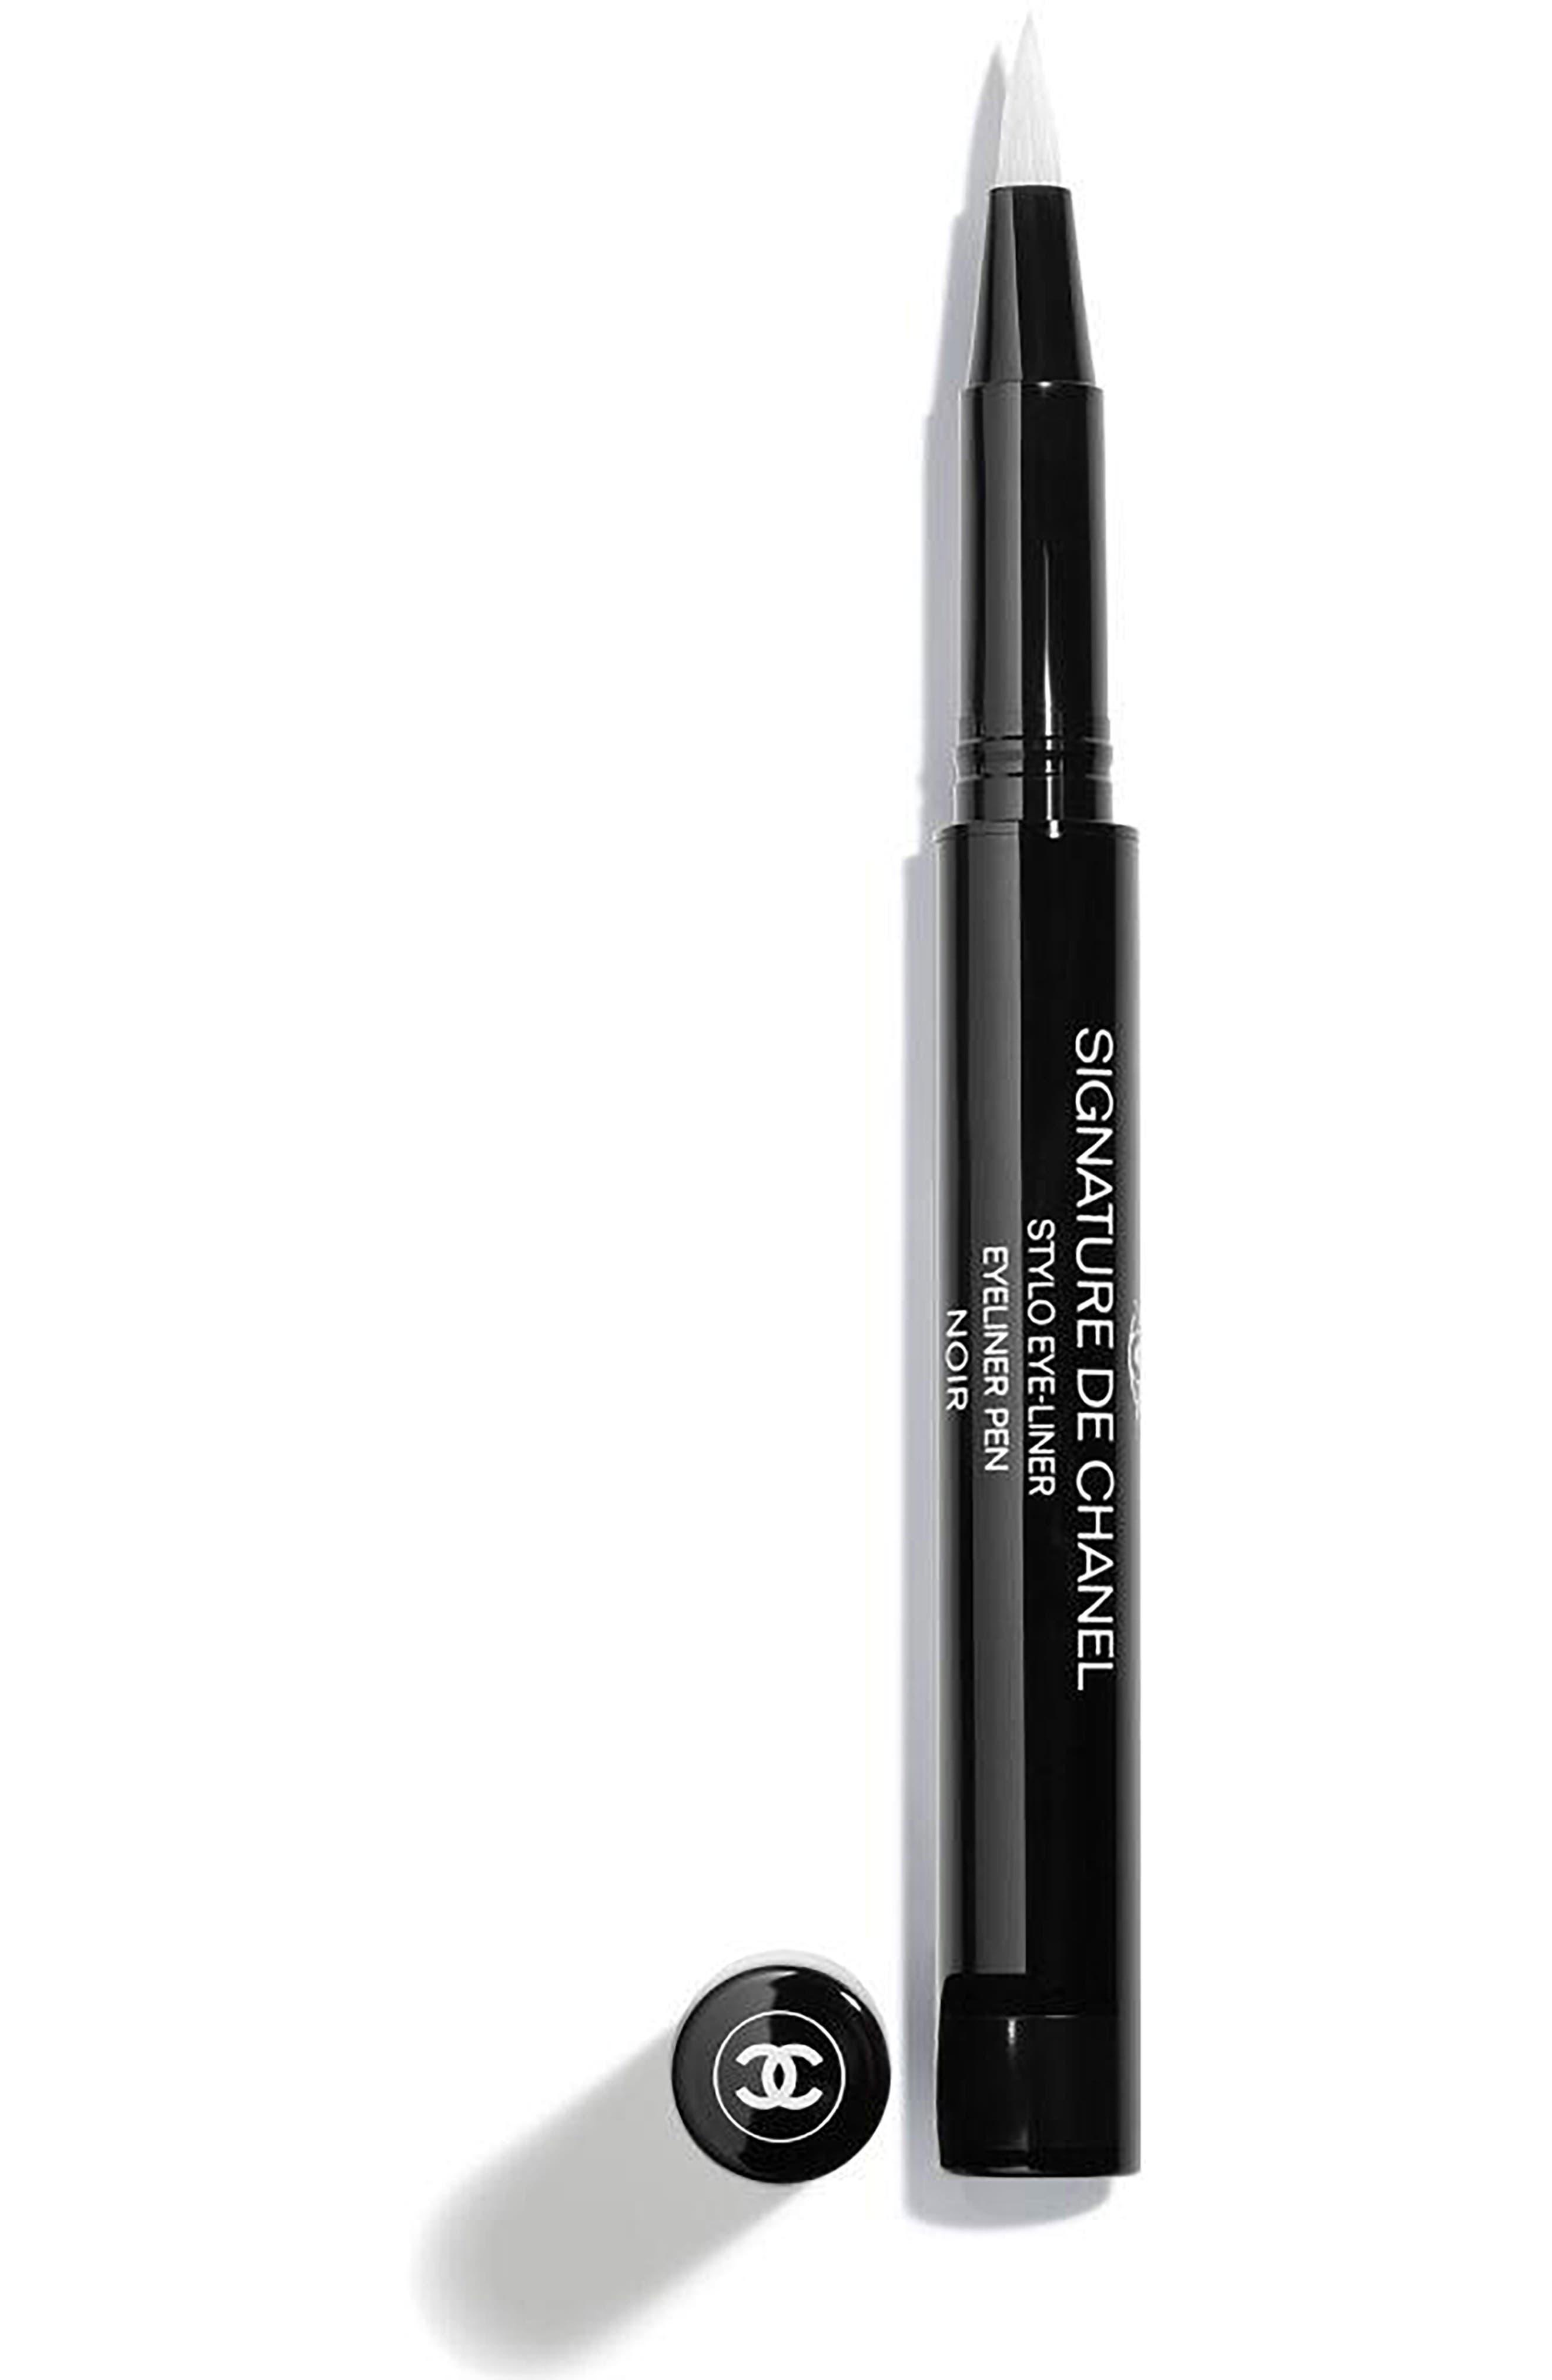 CHANEL SIGNATURE DE CHANEL Intense Longwear Eyeliner Pen, Main, color, NO COLOR